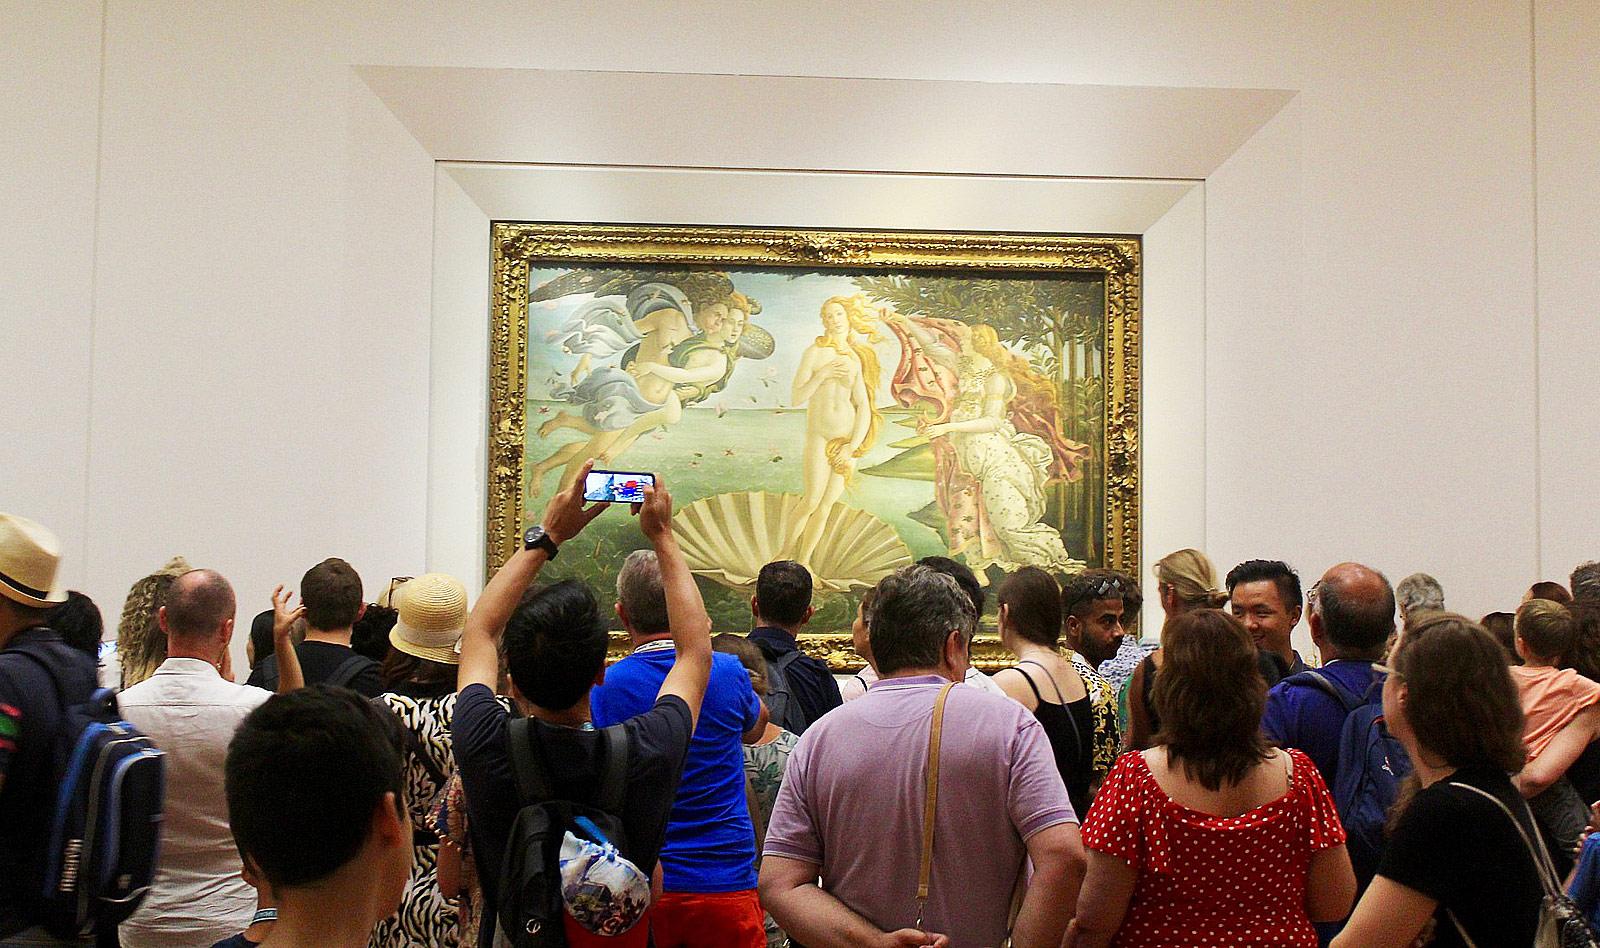 Uffizi, folla davanti alla Venere di Botticelli. Ph. Credit Mike Fitzpatrick